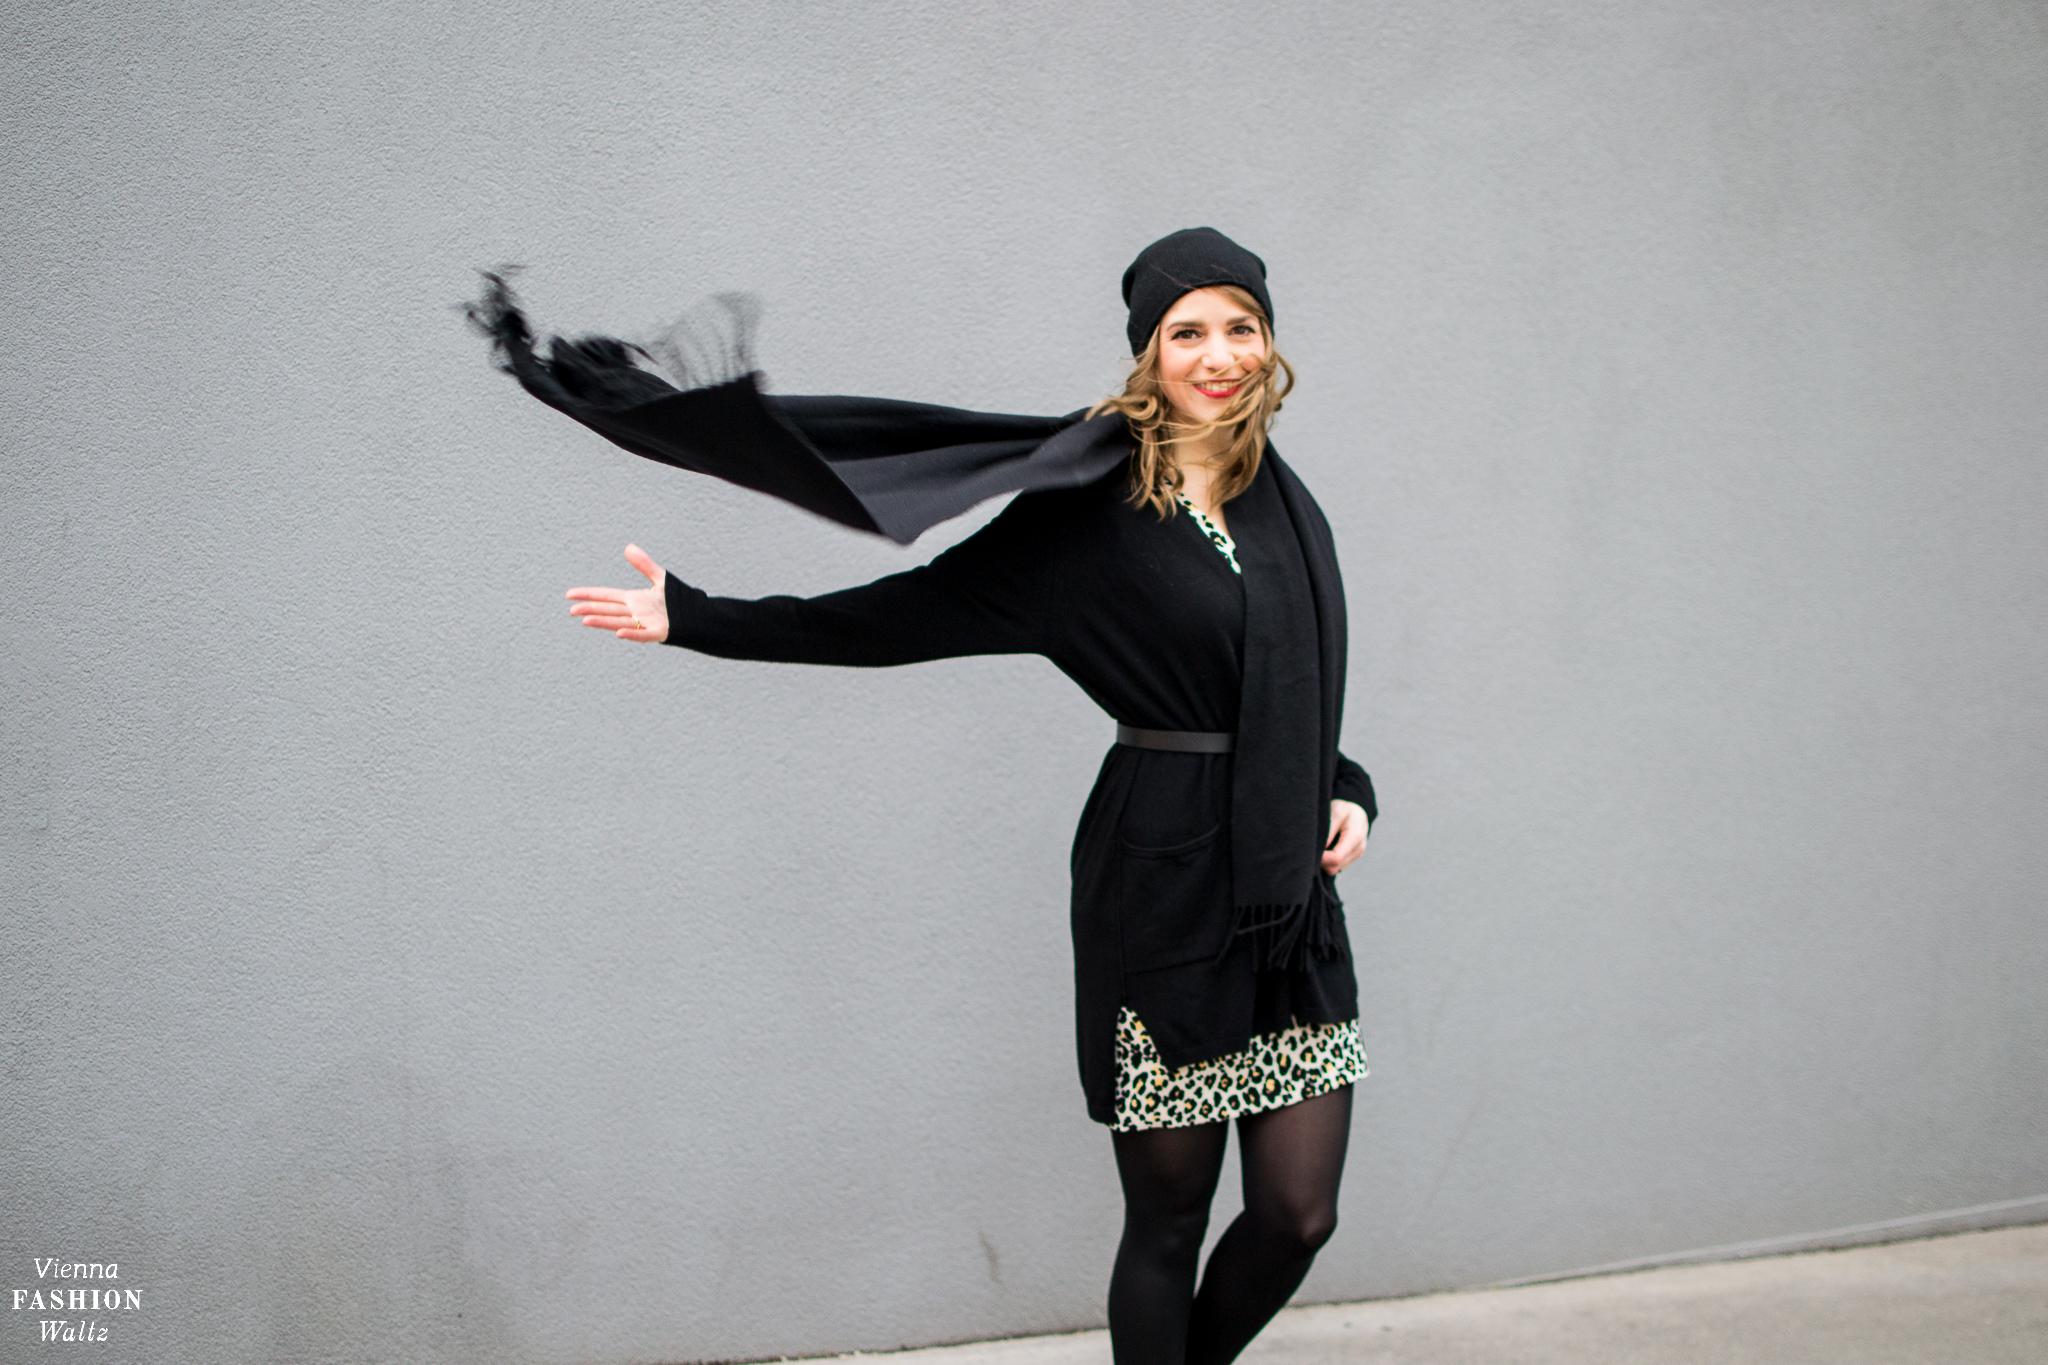 Animal Print Leopardenmuster Dess Kleid H&M Scarf Acne Sneaker Högl Outfit Fashion-, Beauty- und Lifestyleblog Vienna Fashion Waltz #VFWstyleserie